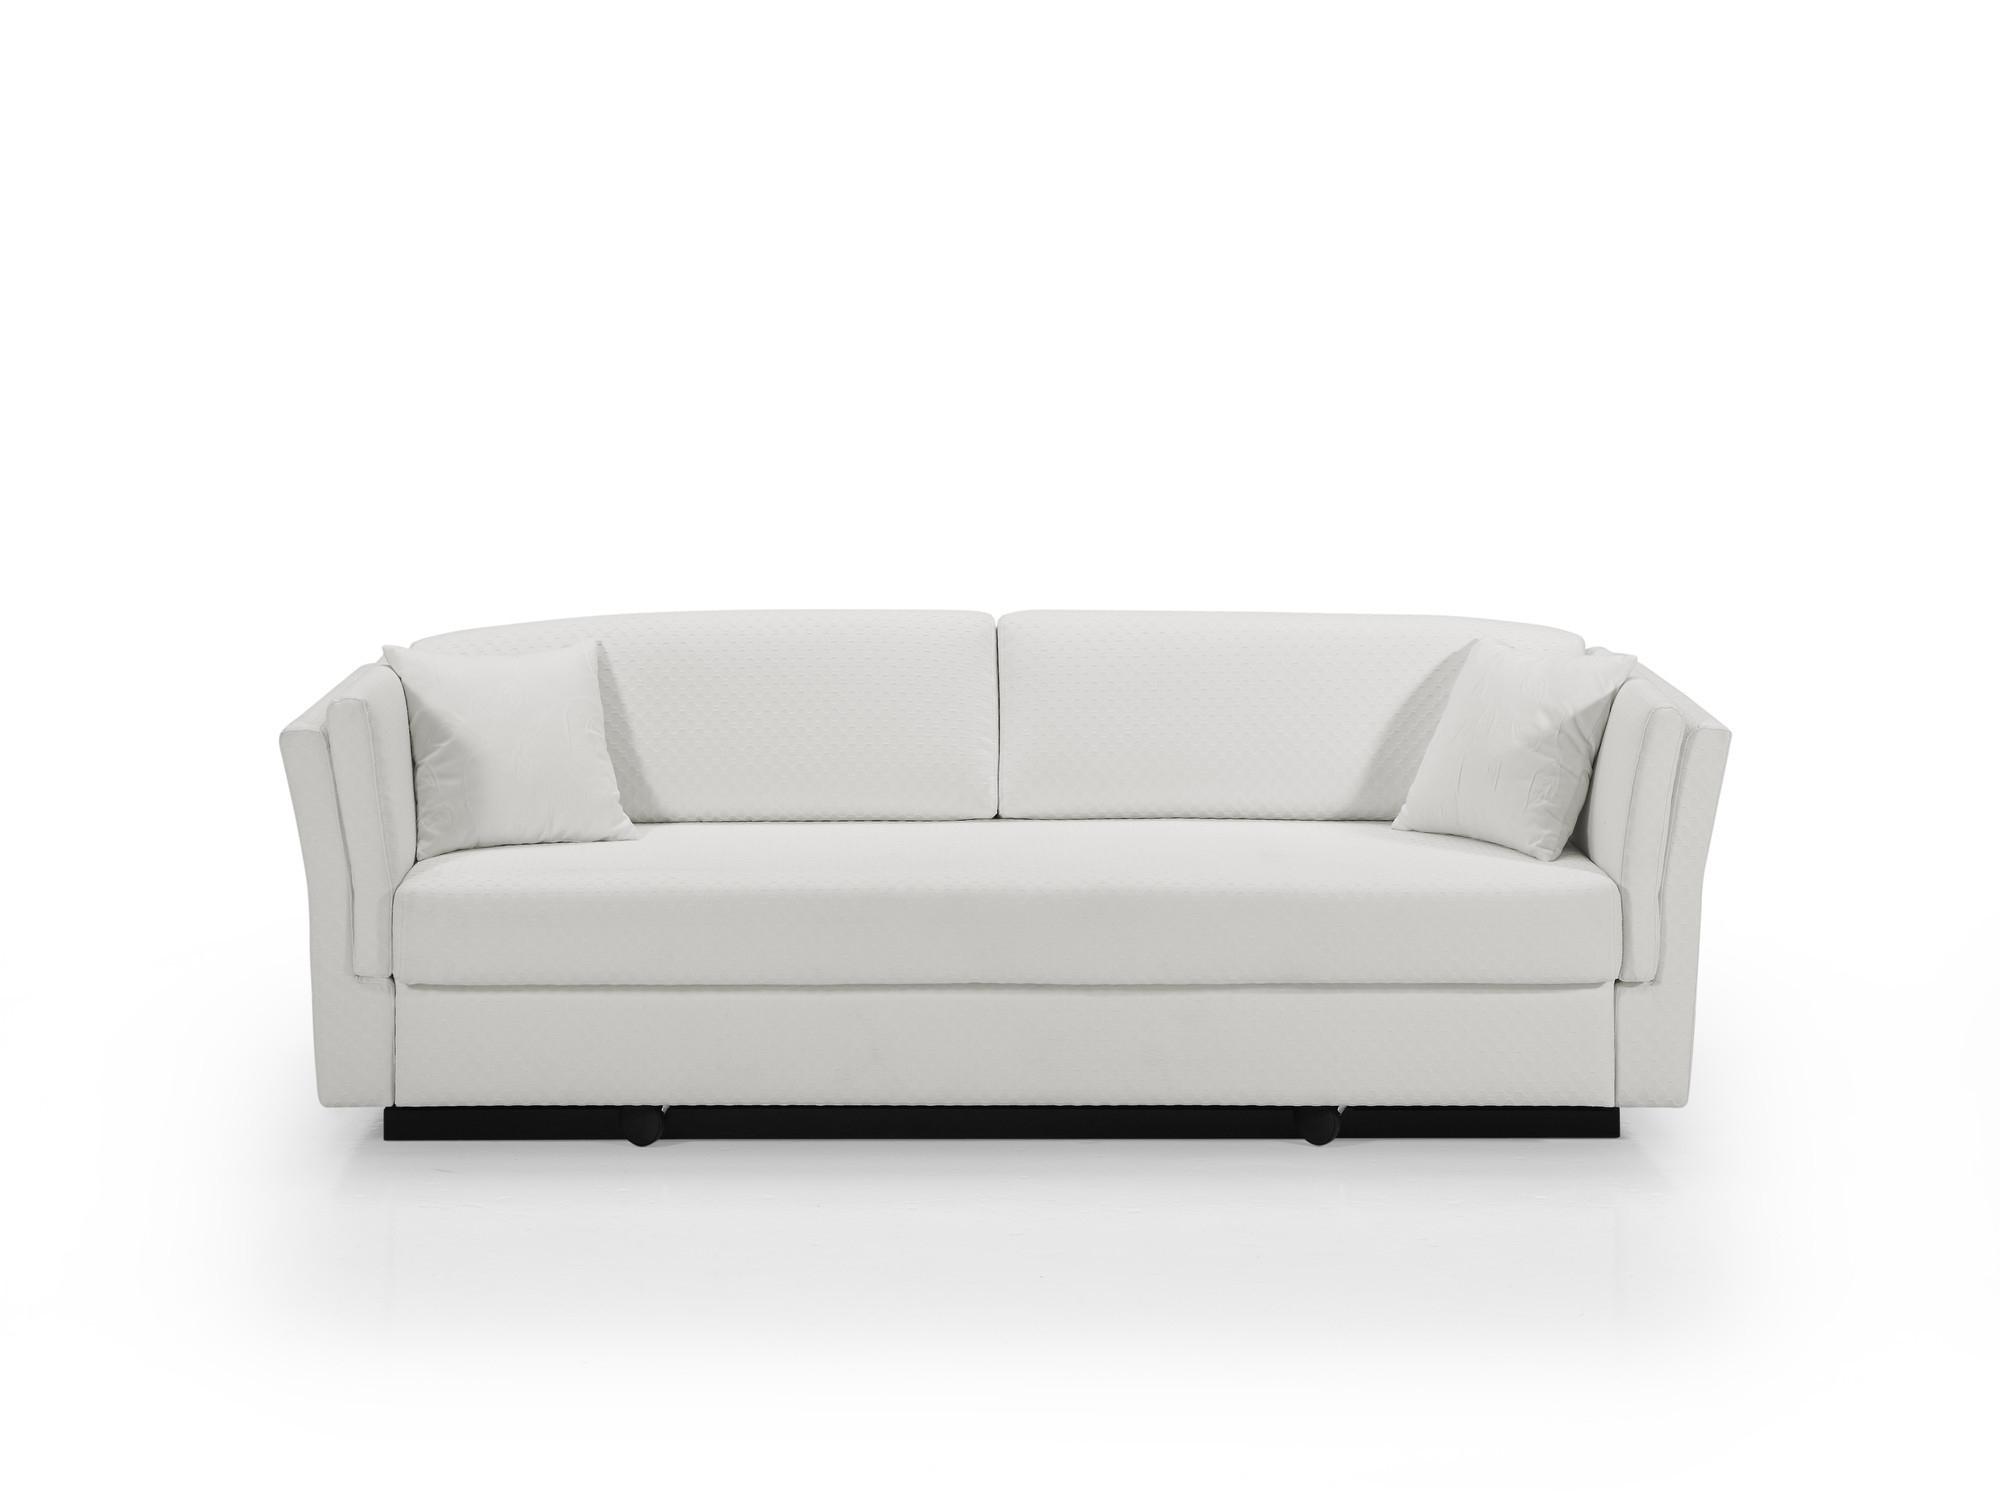 Housse Canapé D Angle Convertible Beau Photos La Charmant Choisir Un Canapé Conception  Perfectionner La G Te